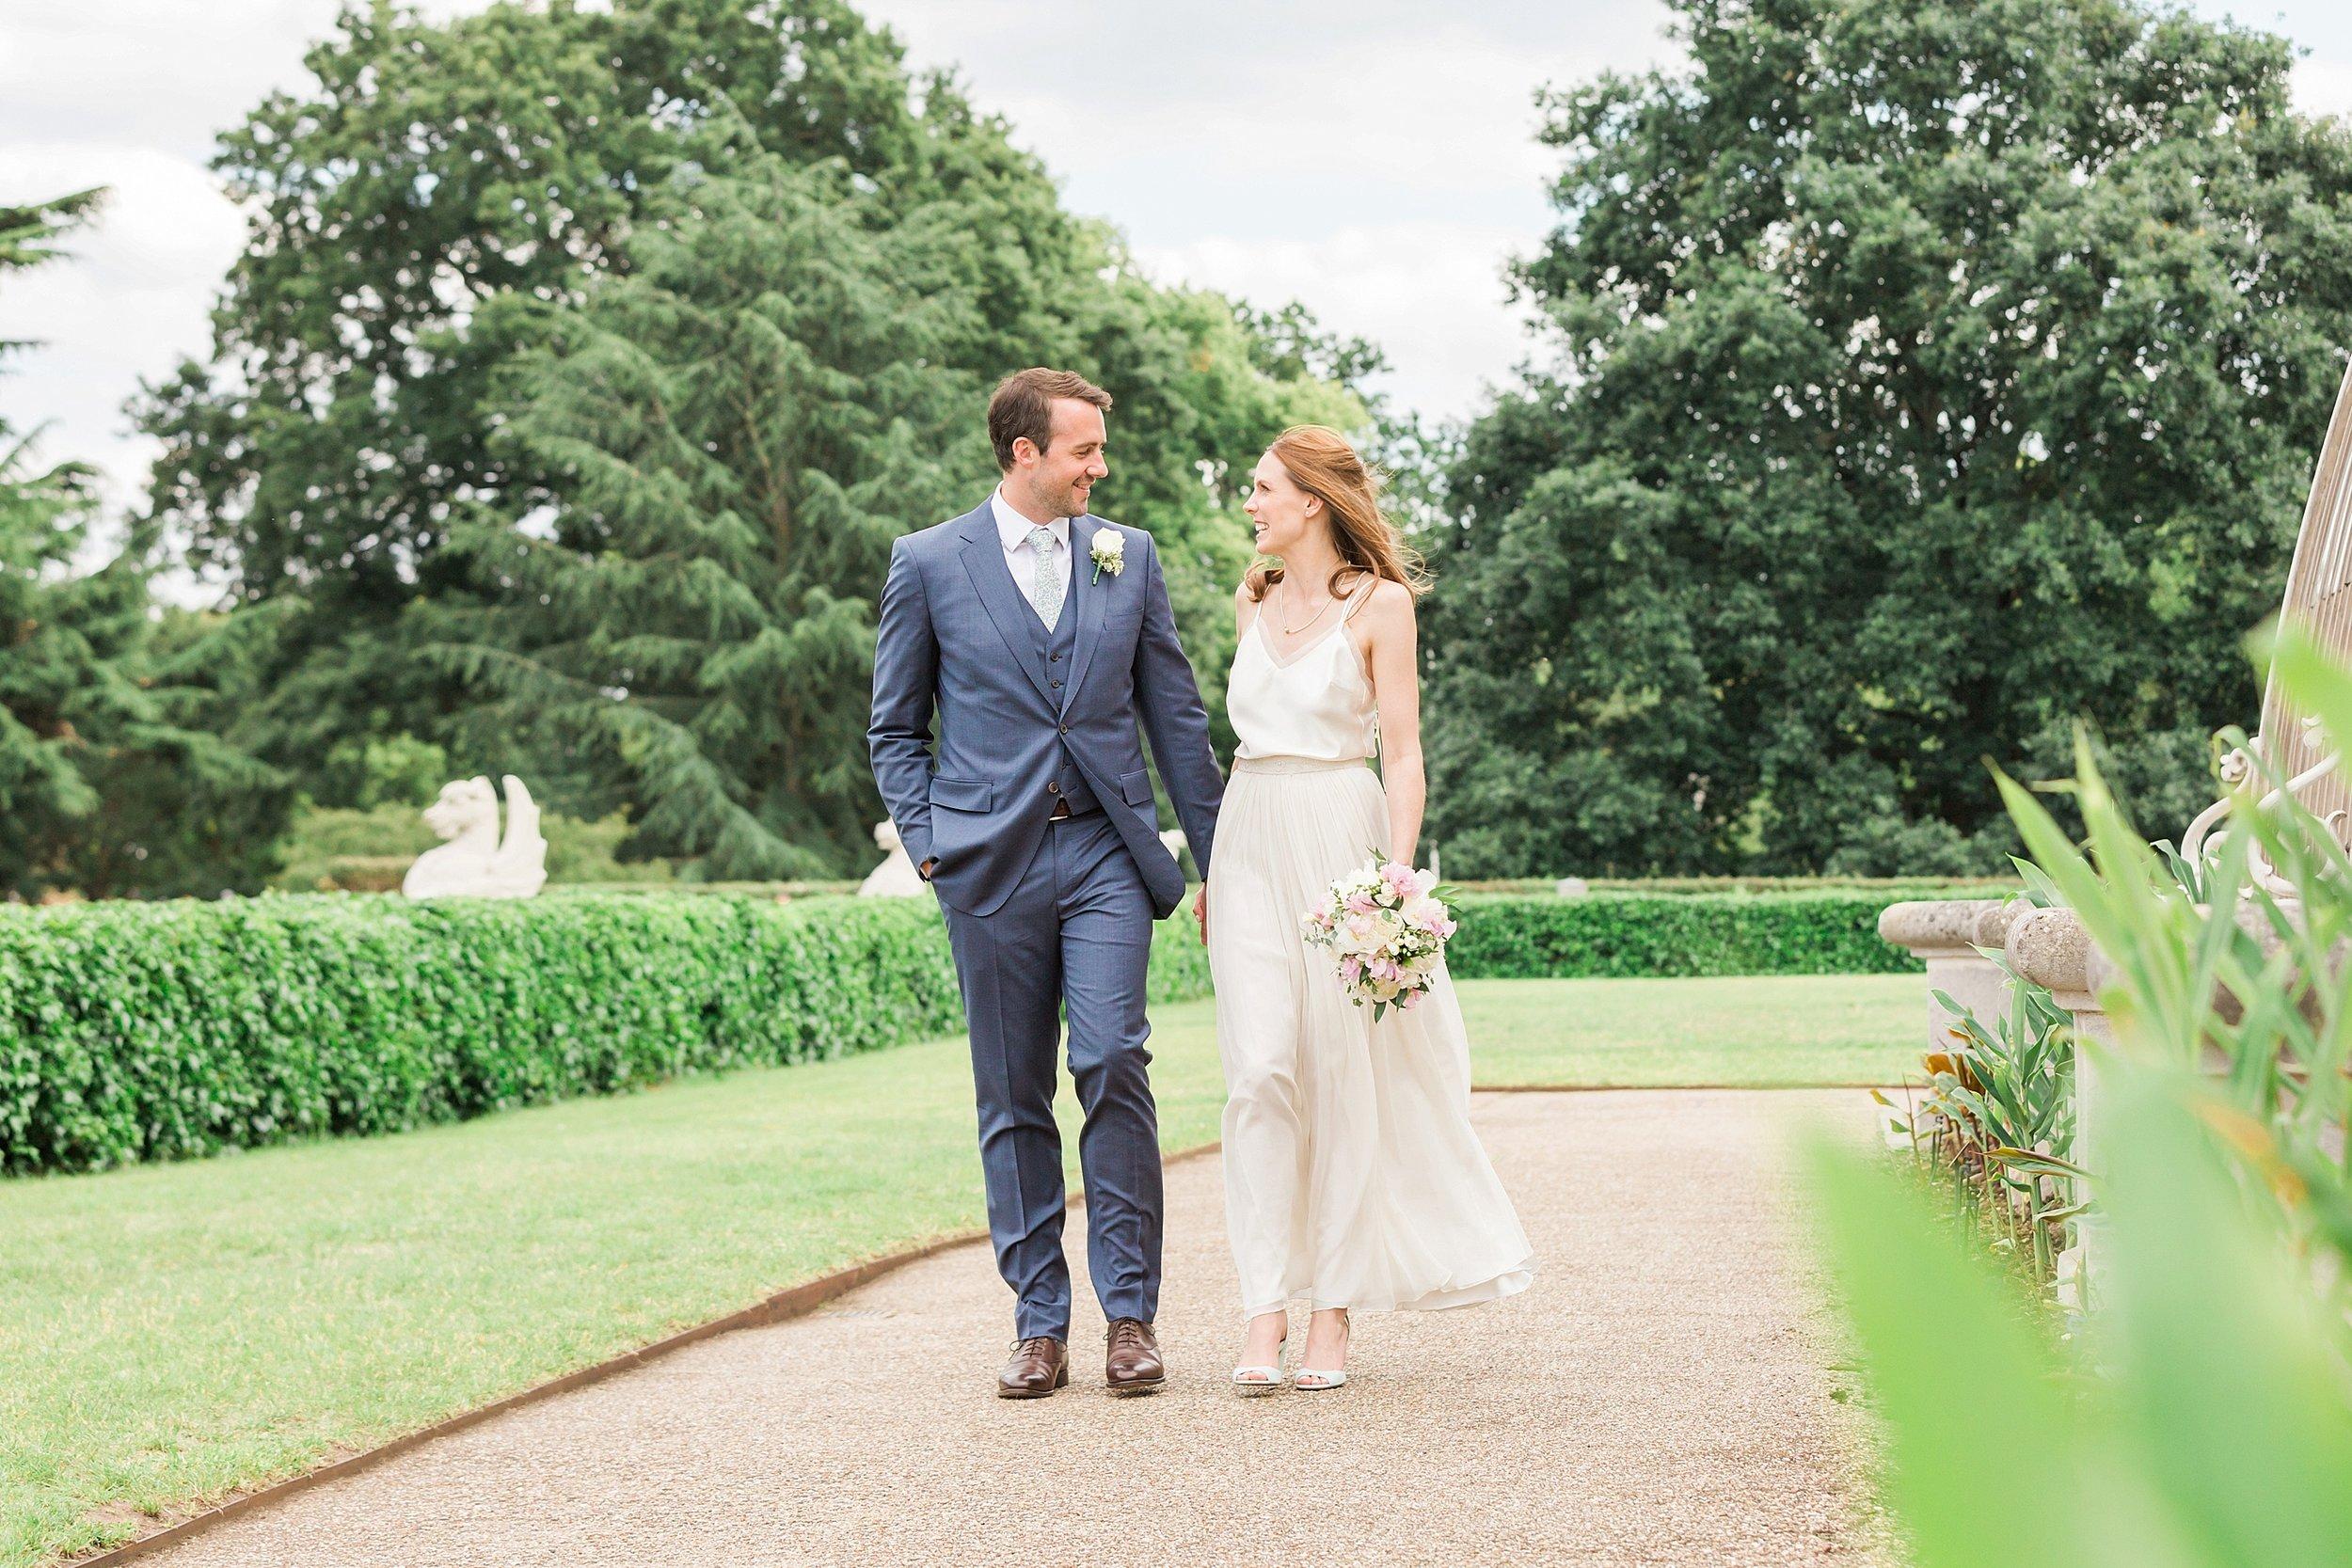 wedding at kew gardens.jpg